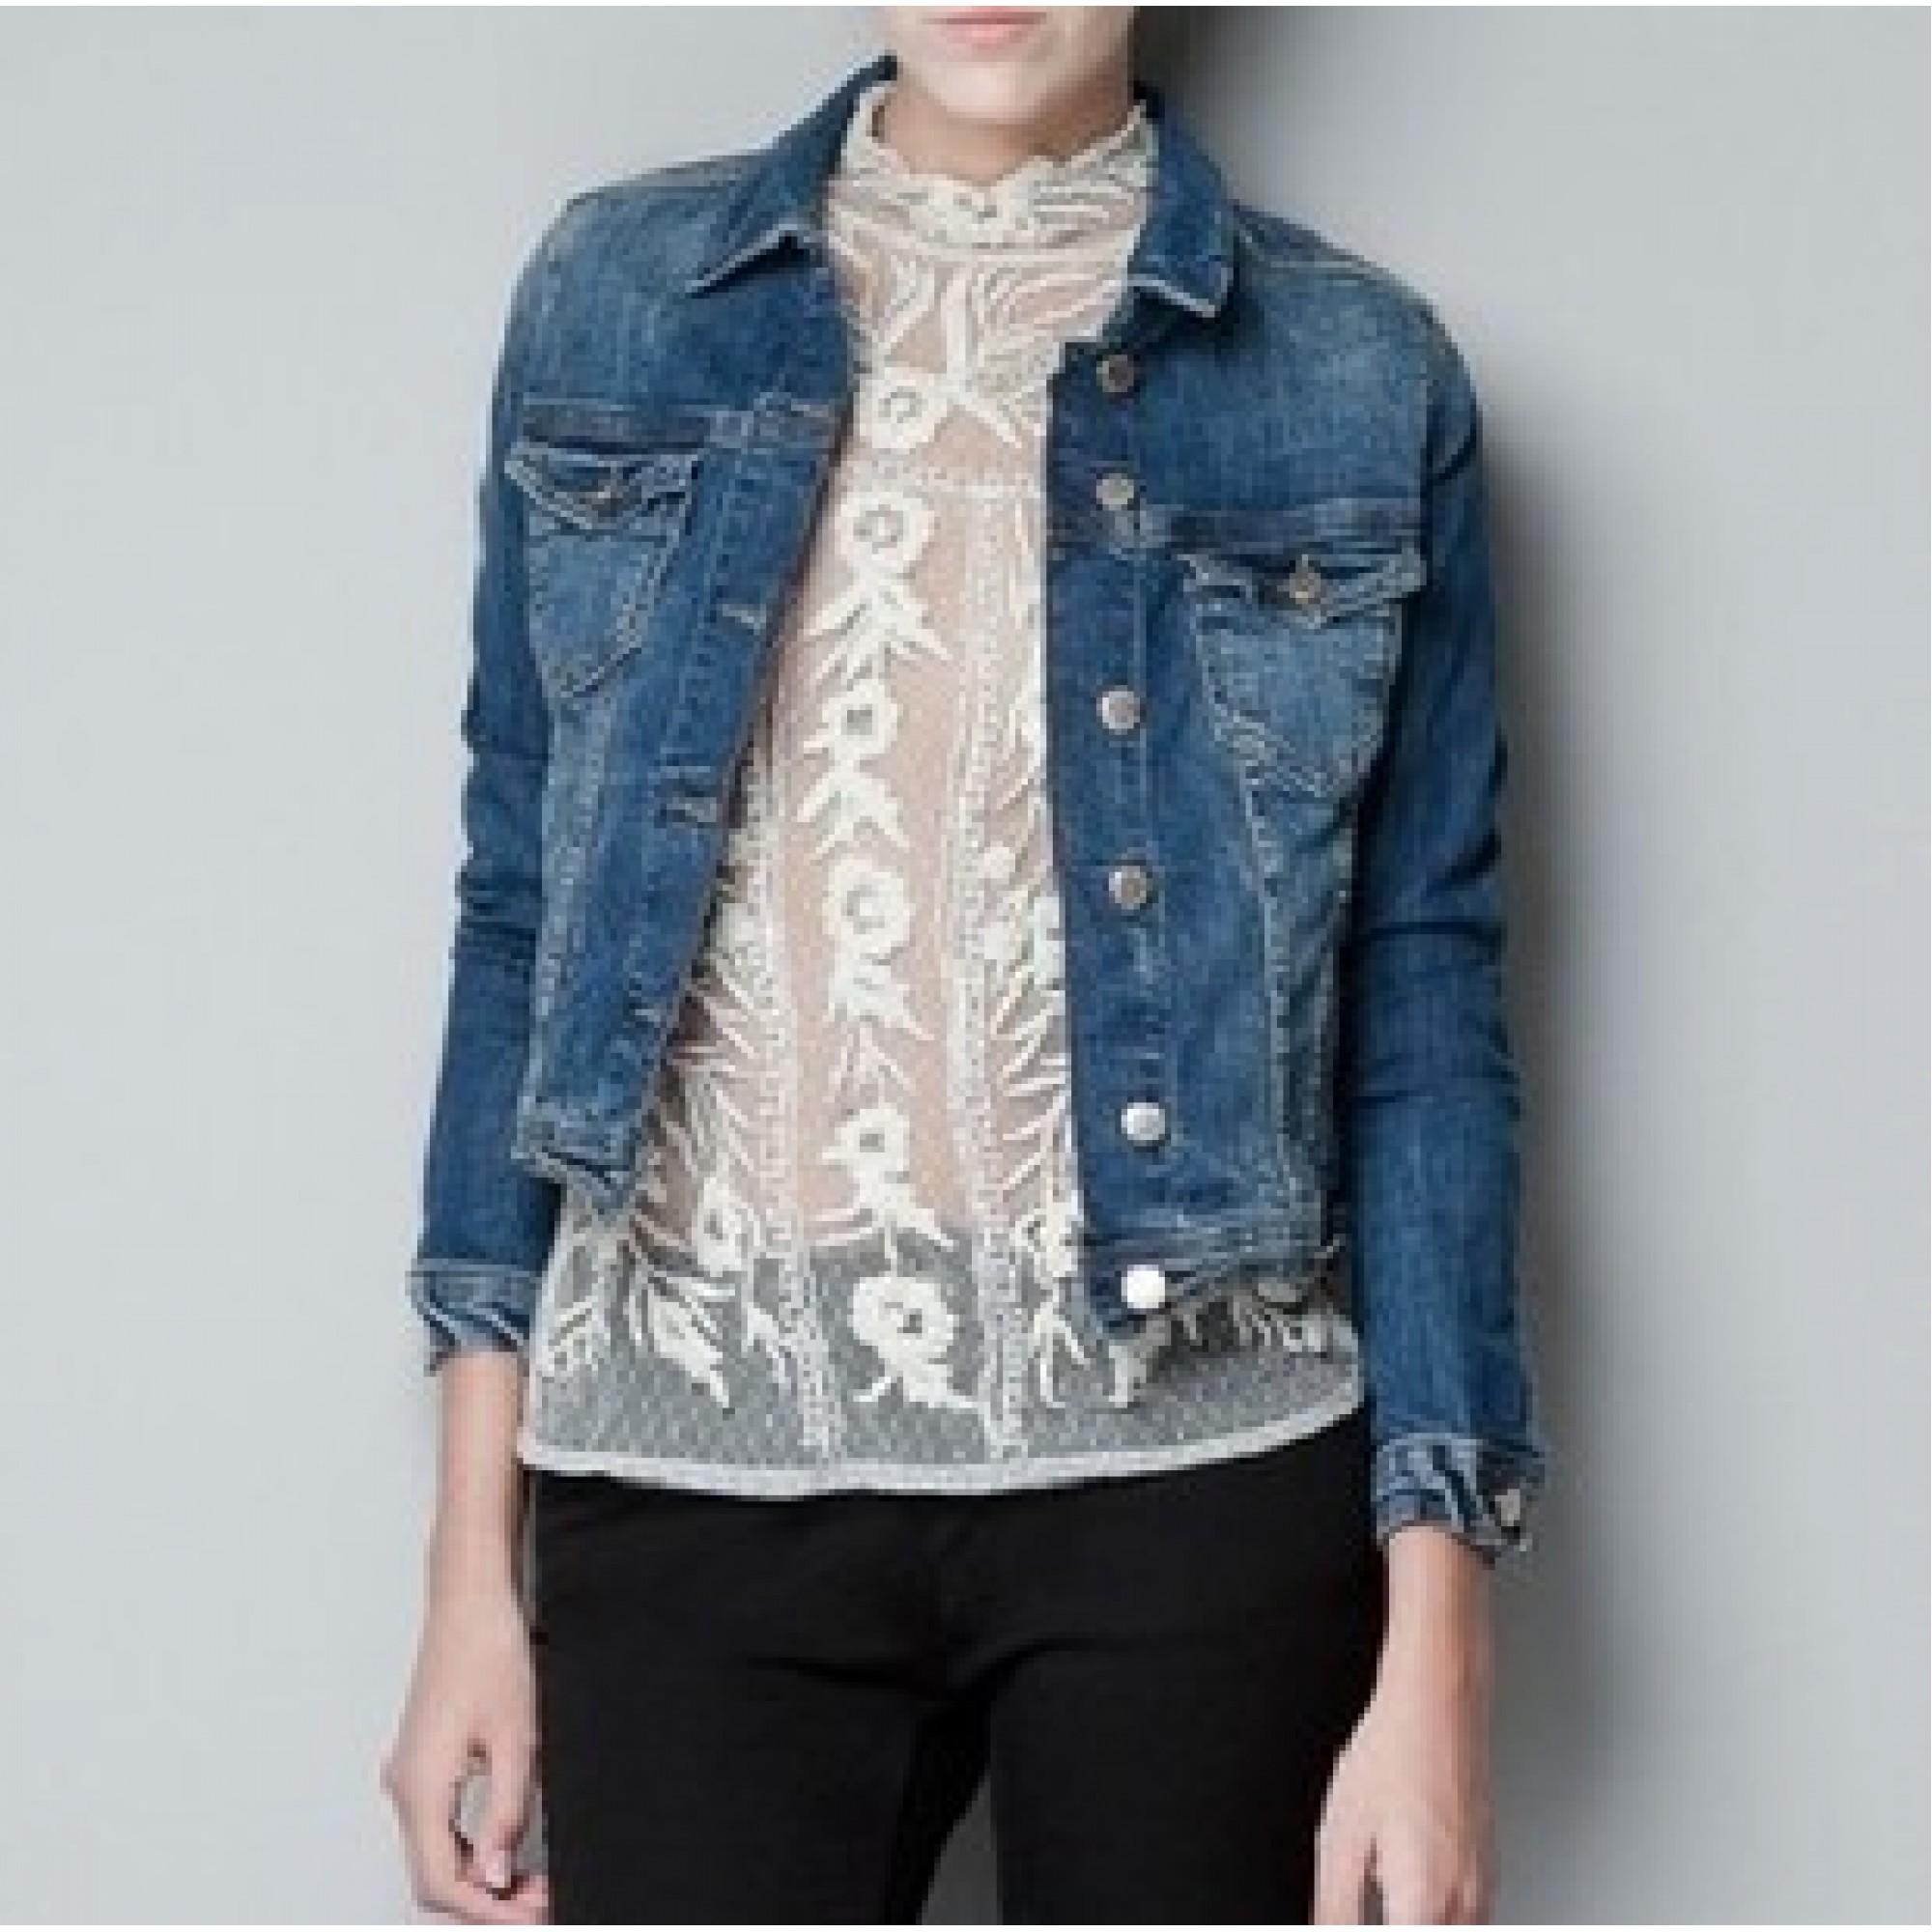 c748268c Купить женская джинсовая куртка Zara — в Киеве, код товара 7601